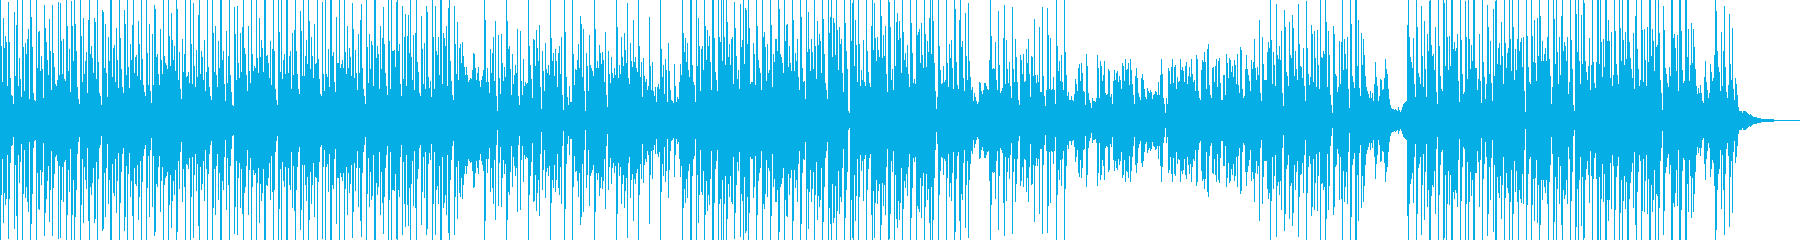 ウクレレとギターが心地よいポップス 短尺の再生済みの波形